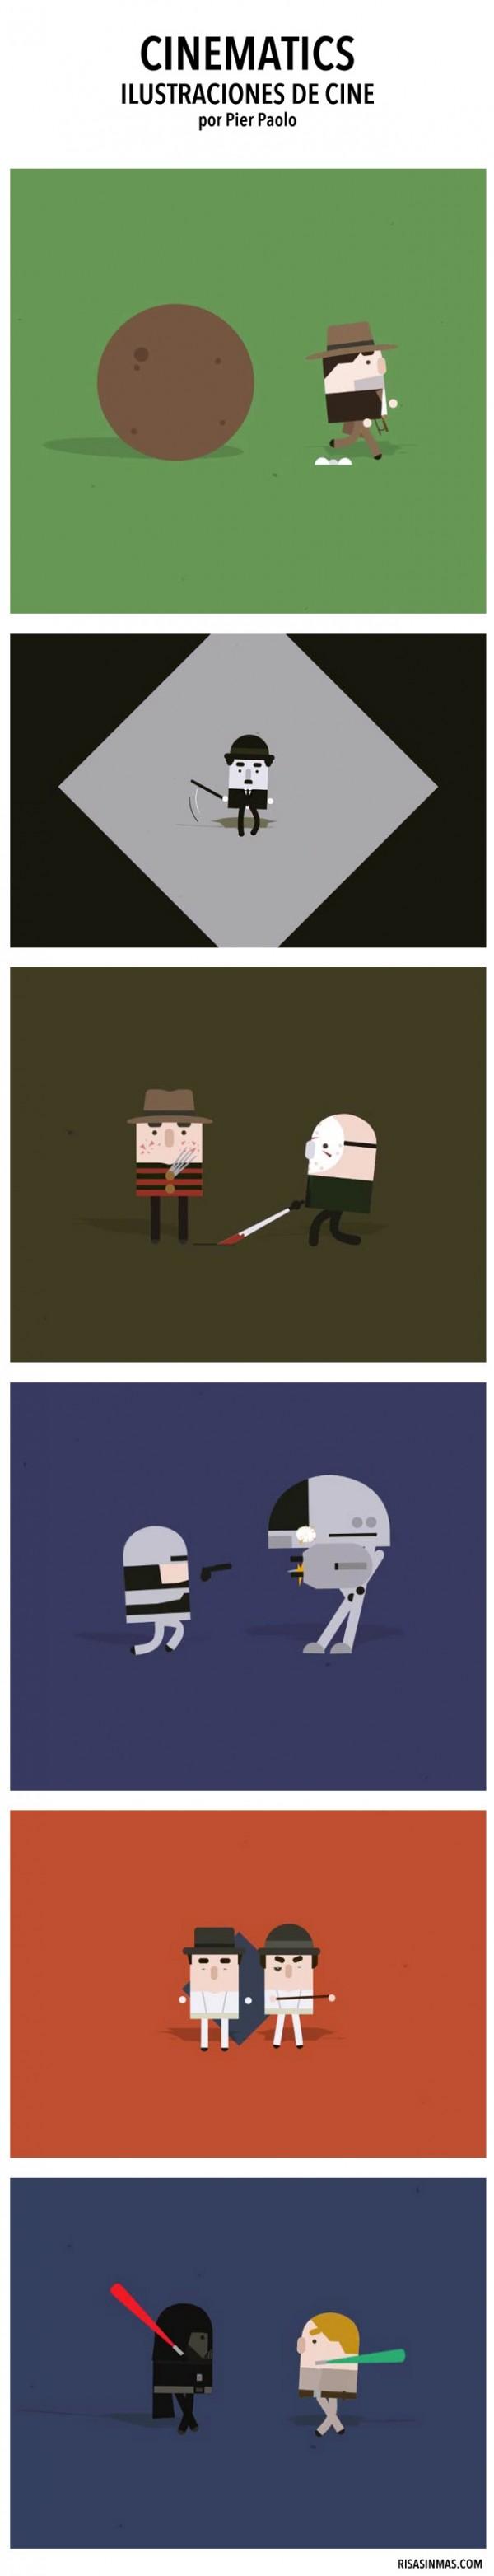 Cinematics, ilustraciones de cine